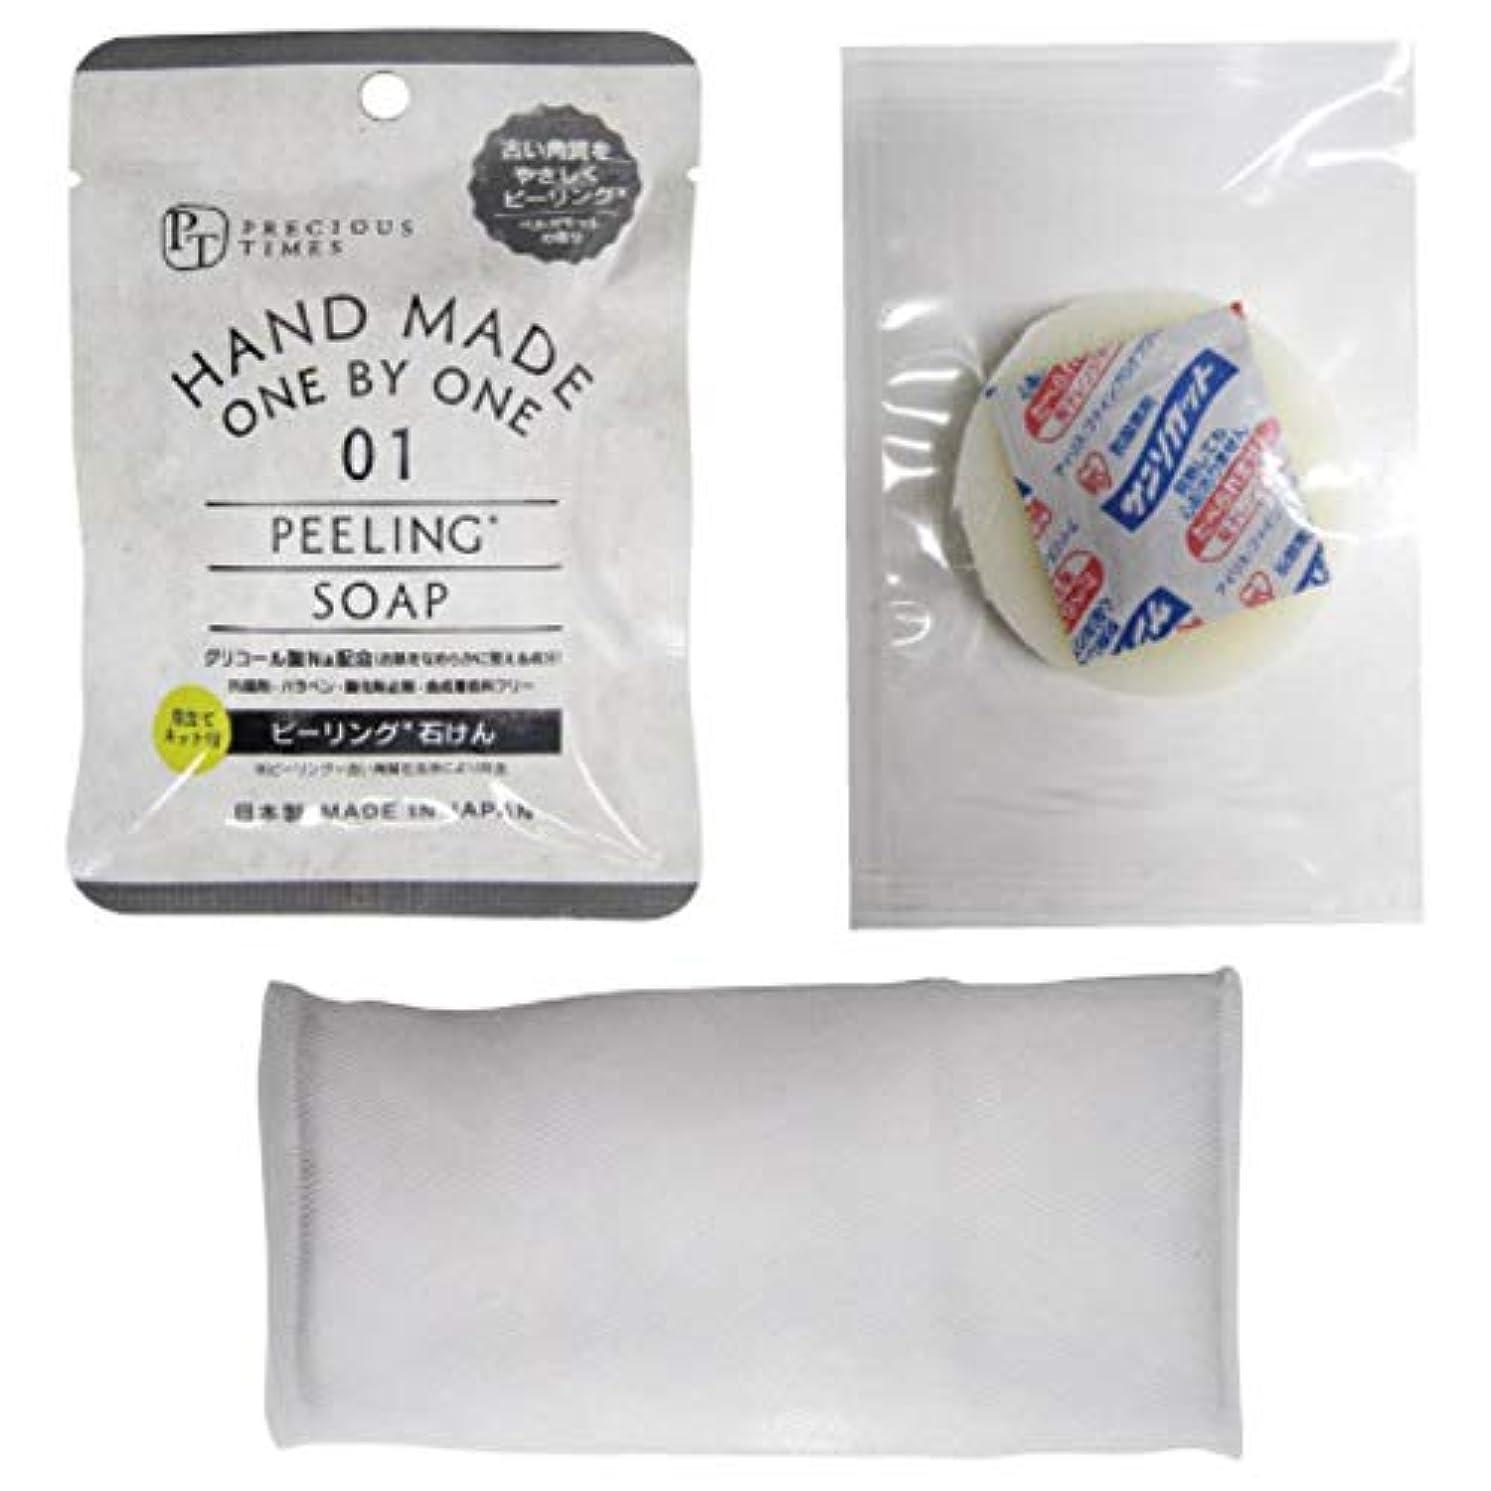 ノミネート古いマグピーリング石鹸 12g ベルガモット 香り 泡立てネット付 PEELING SOAP 日本製 HAND MADE 角質除去 防腐剤等無添加 わくねり化粧石けん